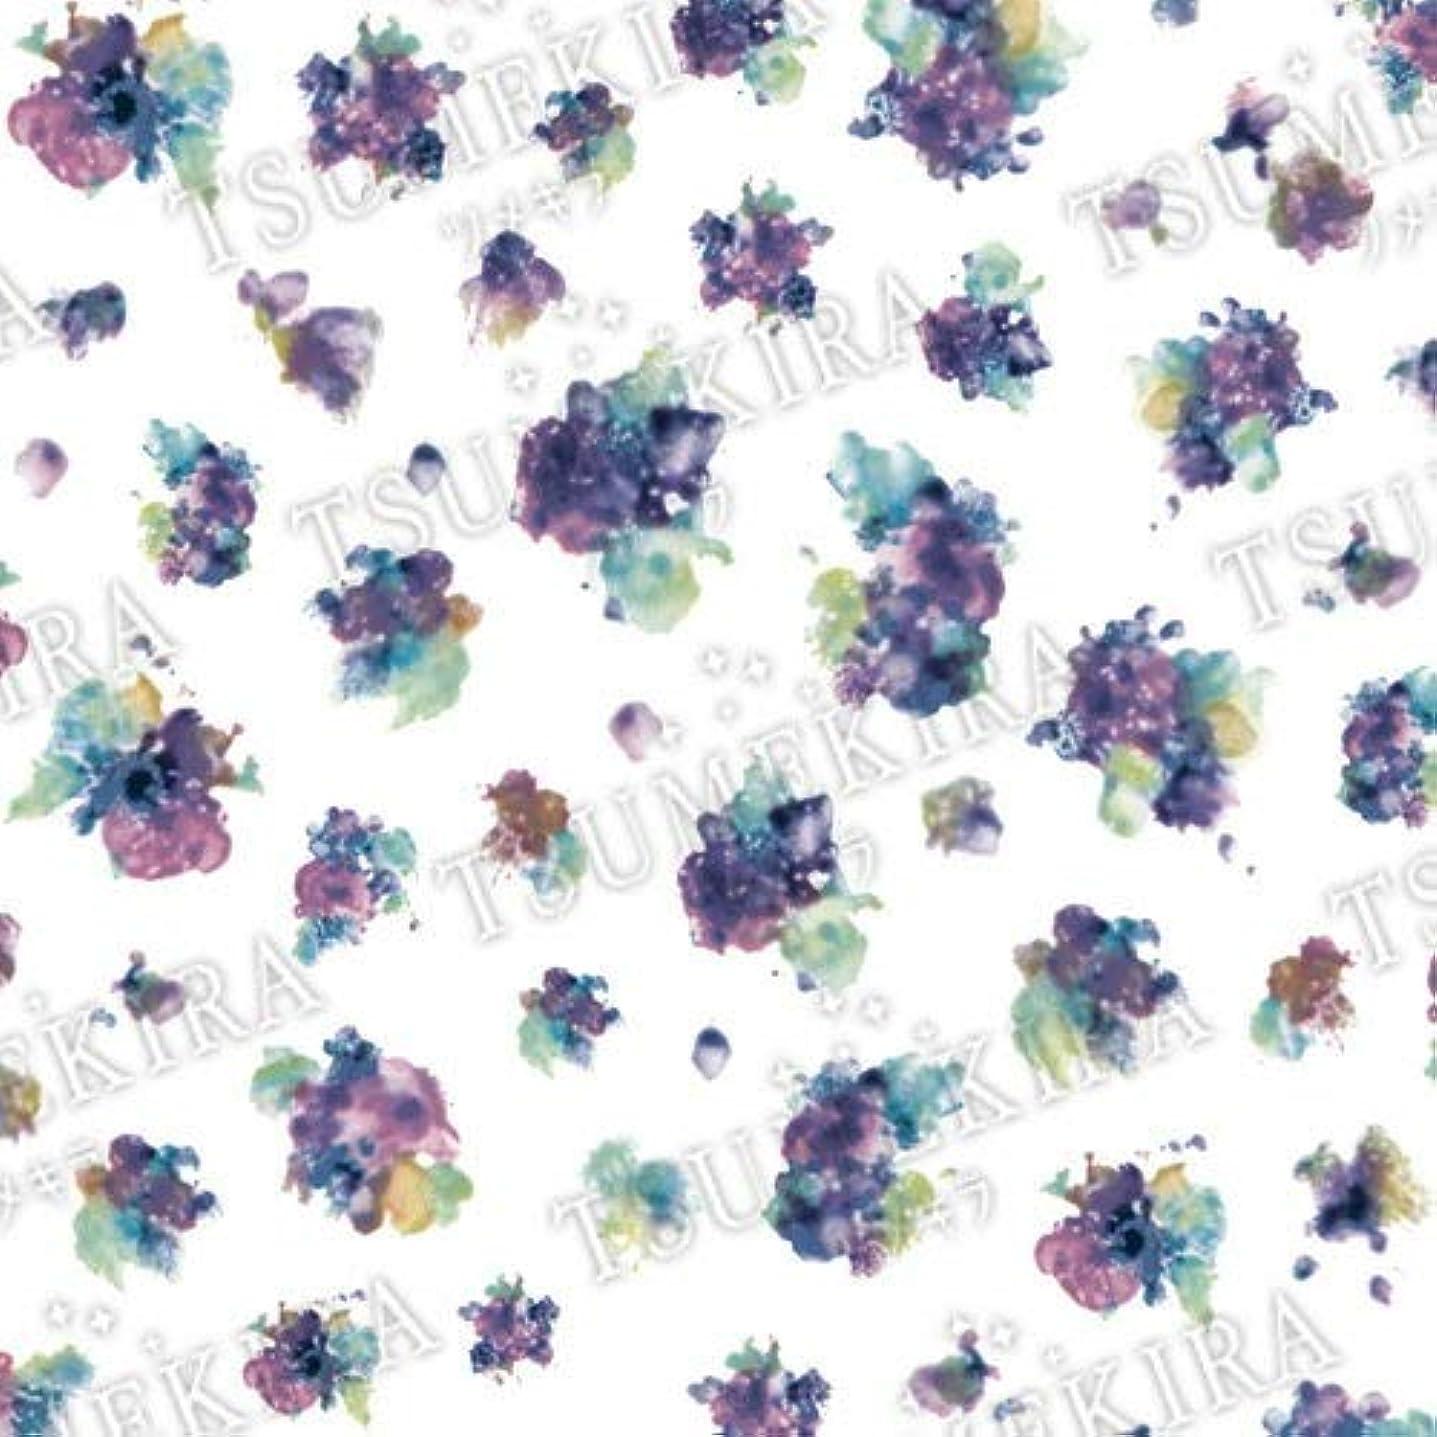 作成者方法論整理するTSUMEKIRA(ツメキラ) ネイルシール mi-miプロデュース1 Bouquet Bleu NN-MIM-103